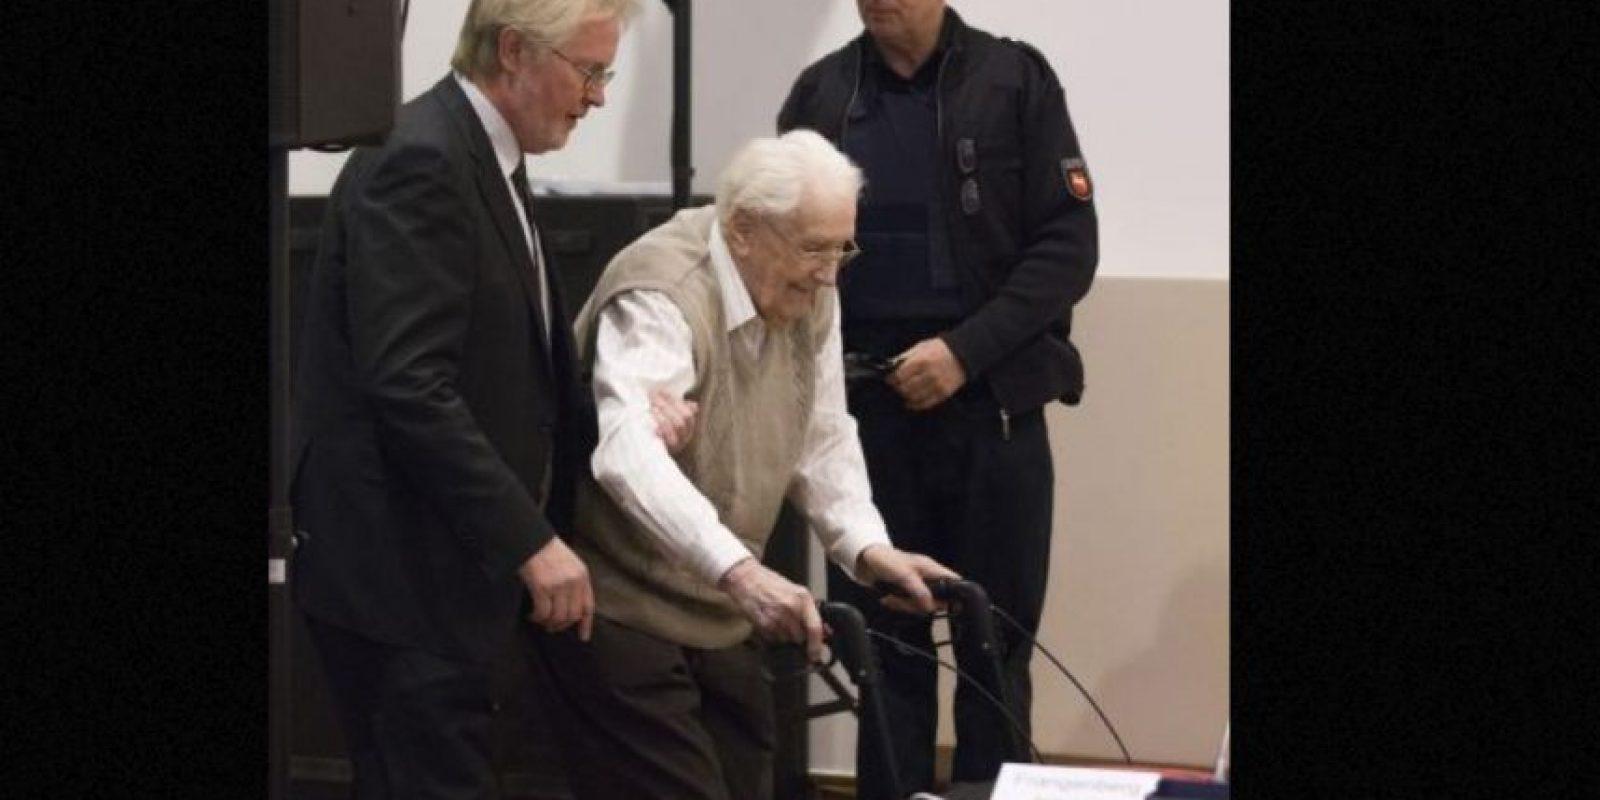 """Groening, conocido como el """"contador de Auschwitz"""" , protagonizó un conmovedor momento en el mes de abril durante el juicio, cuando conoció a Eva Mozes Kor, de 81 años, testigo del campo de concentración de Auschwitz. Foto:vía AP"""